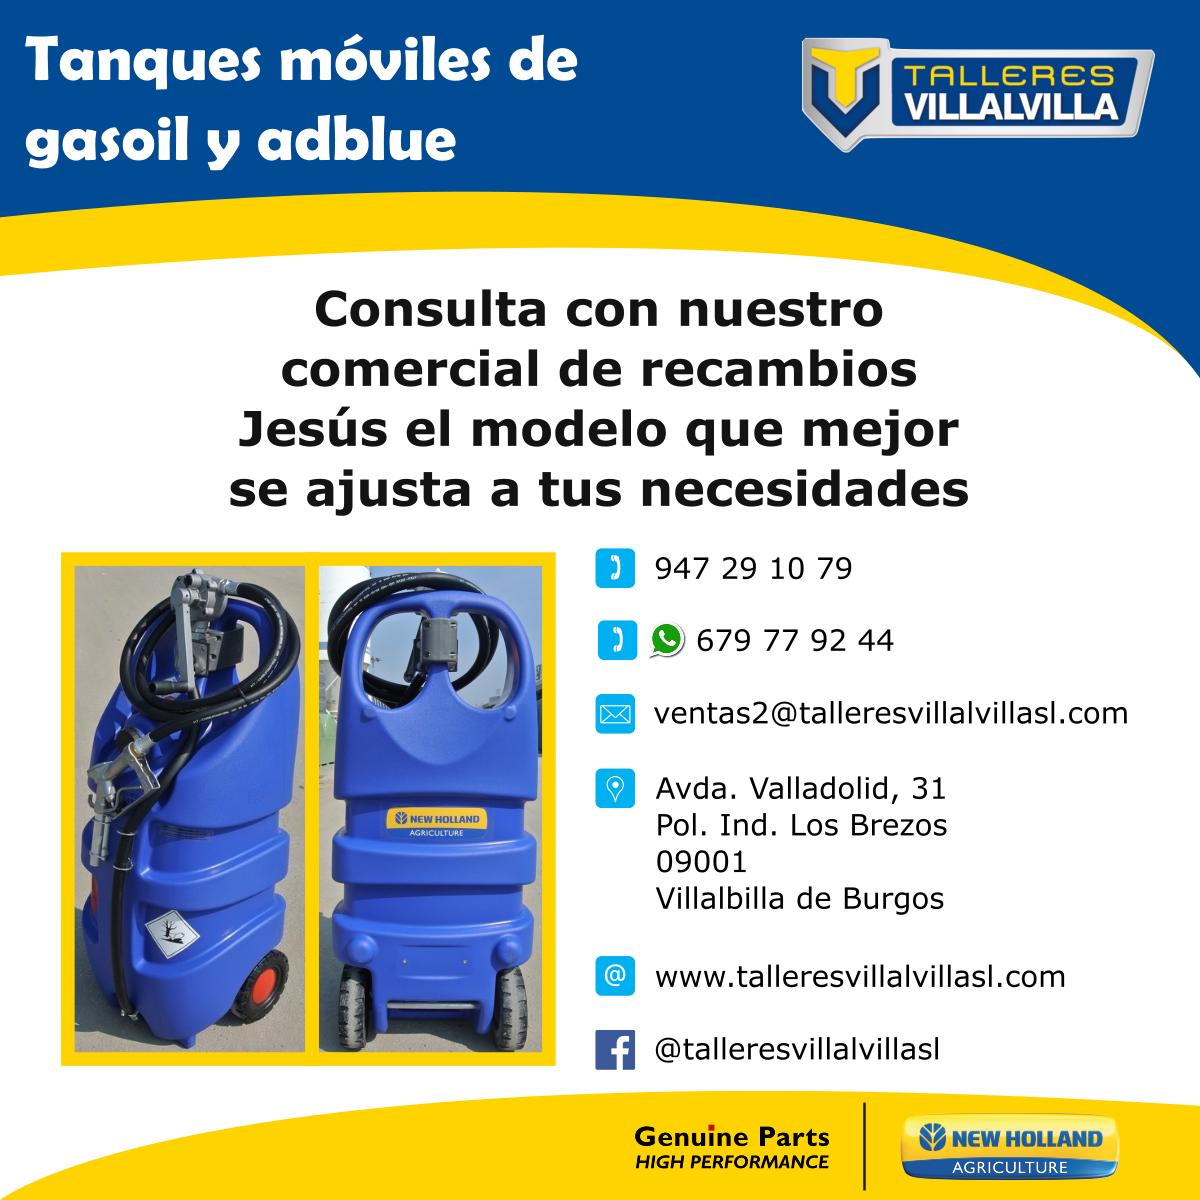 TANQUES MÓVILES DE GASOIL Y ADBLUE